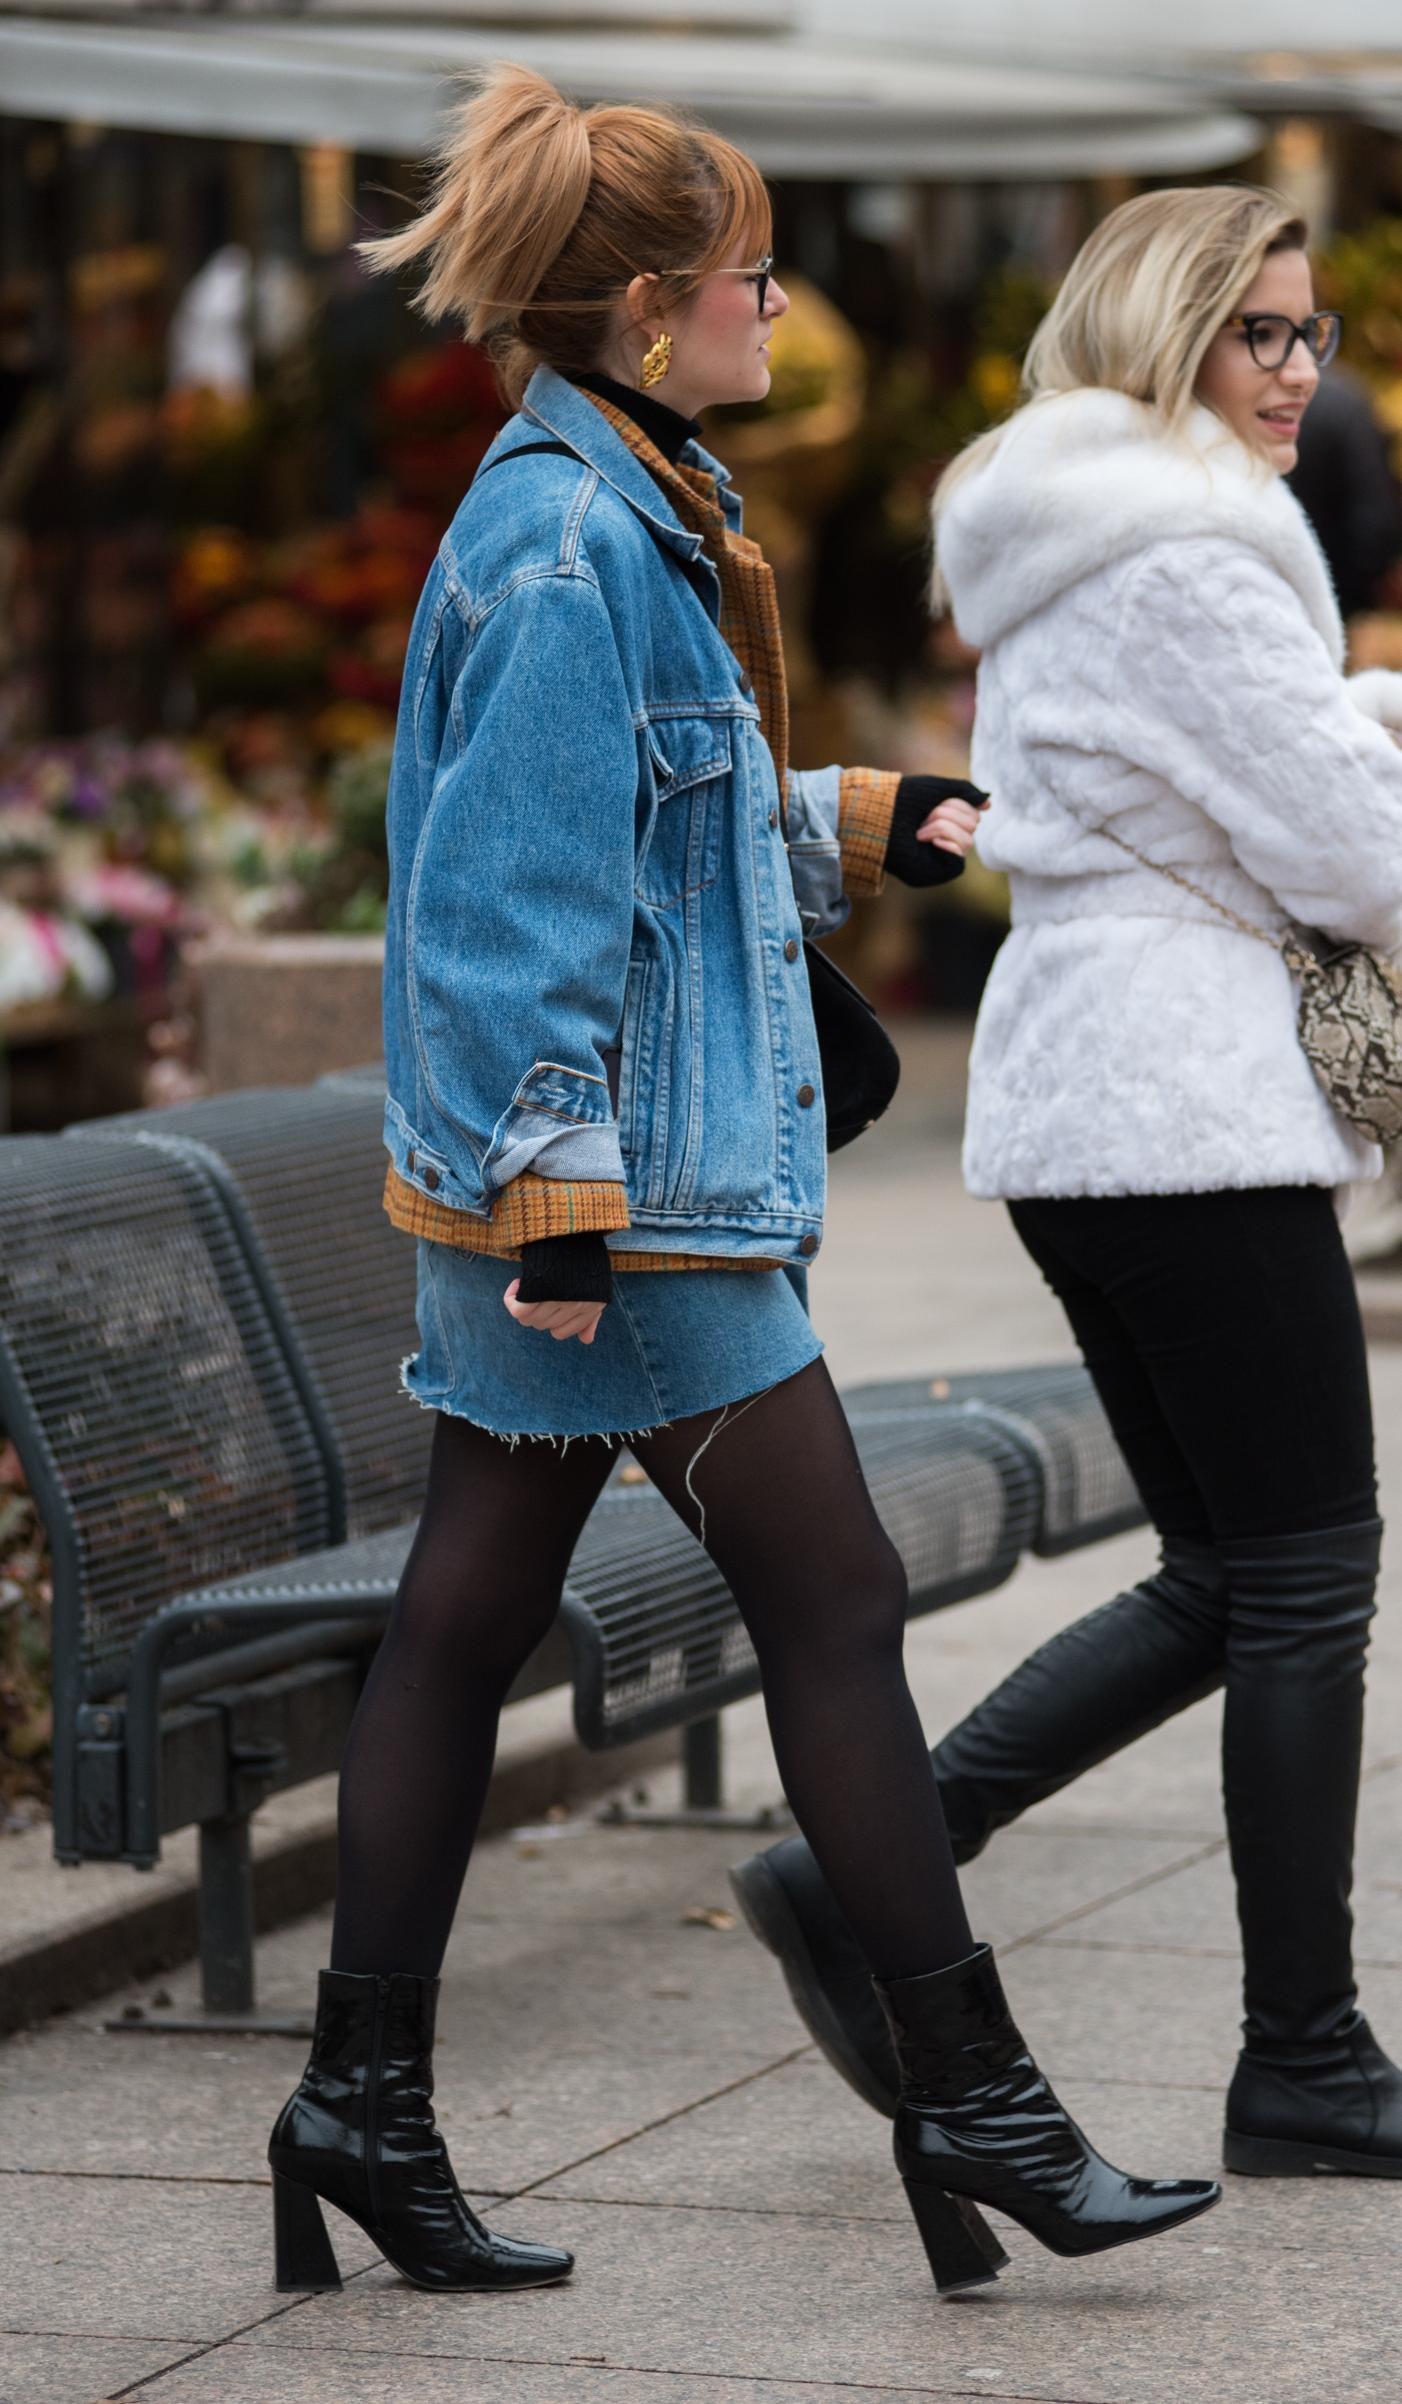 Kakav zakon retro outfit! Ona u traper minici i jakni izgleda baš wow!